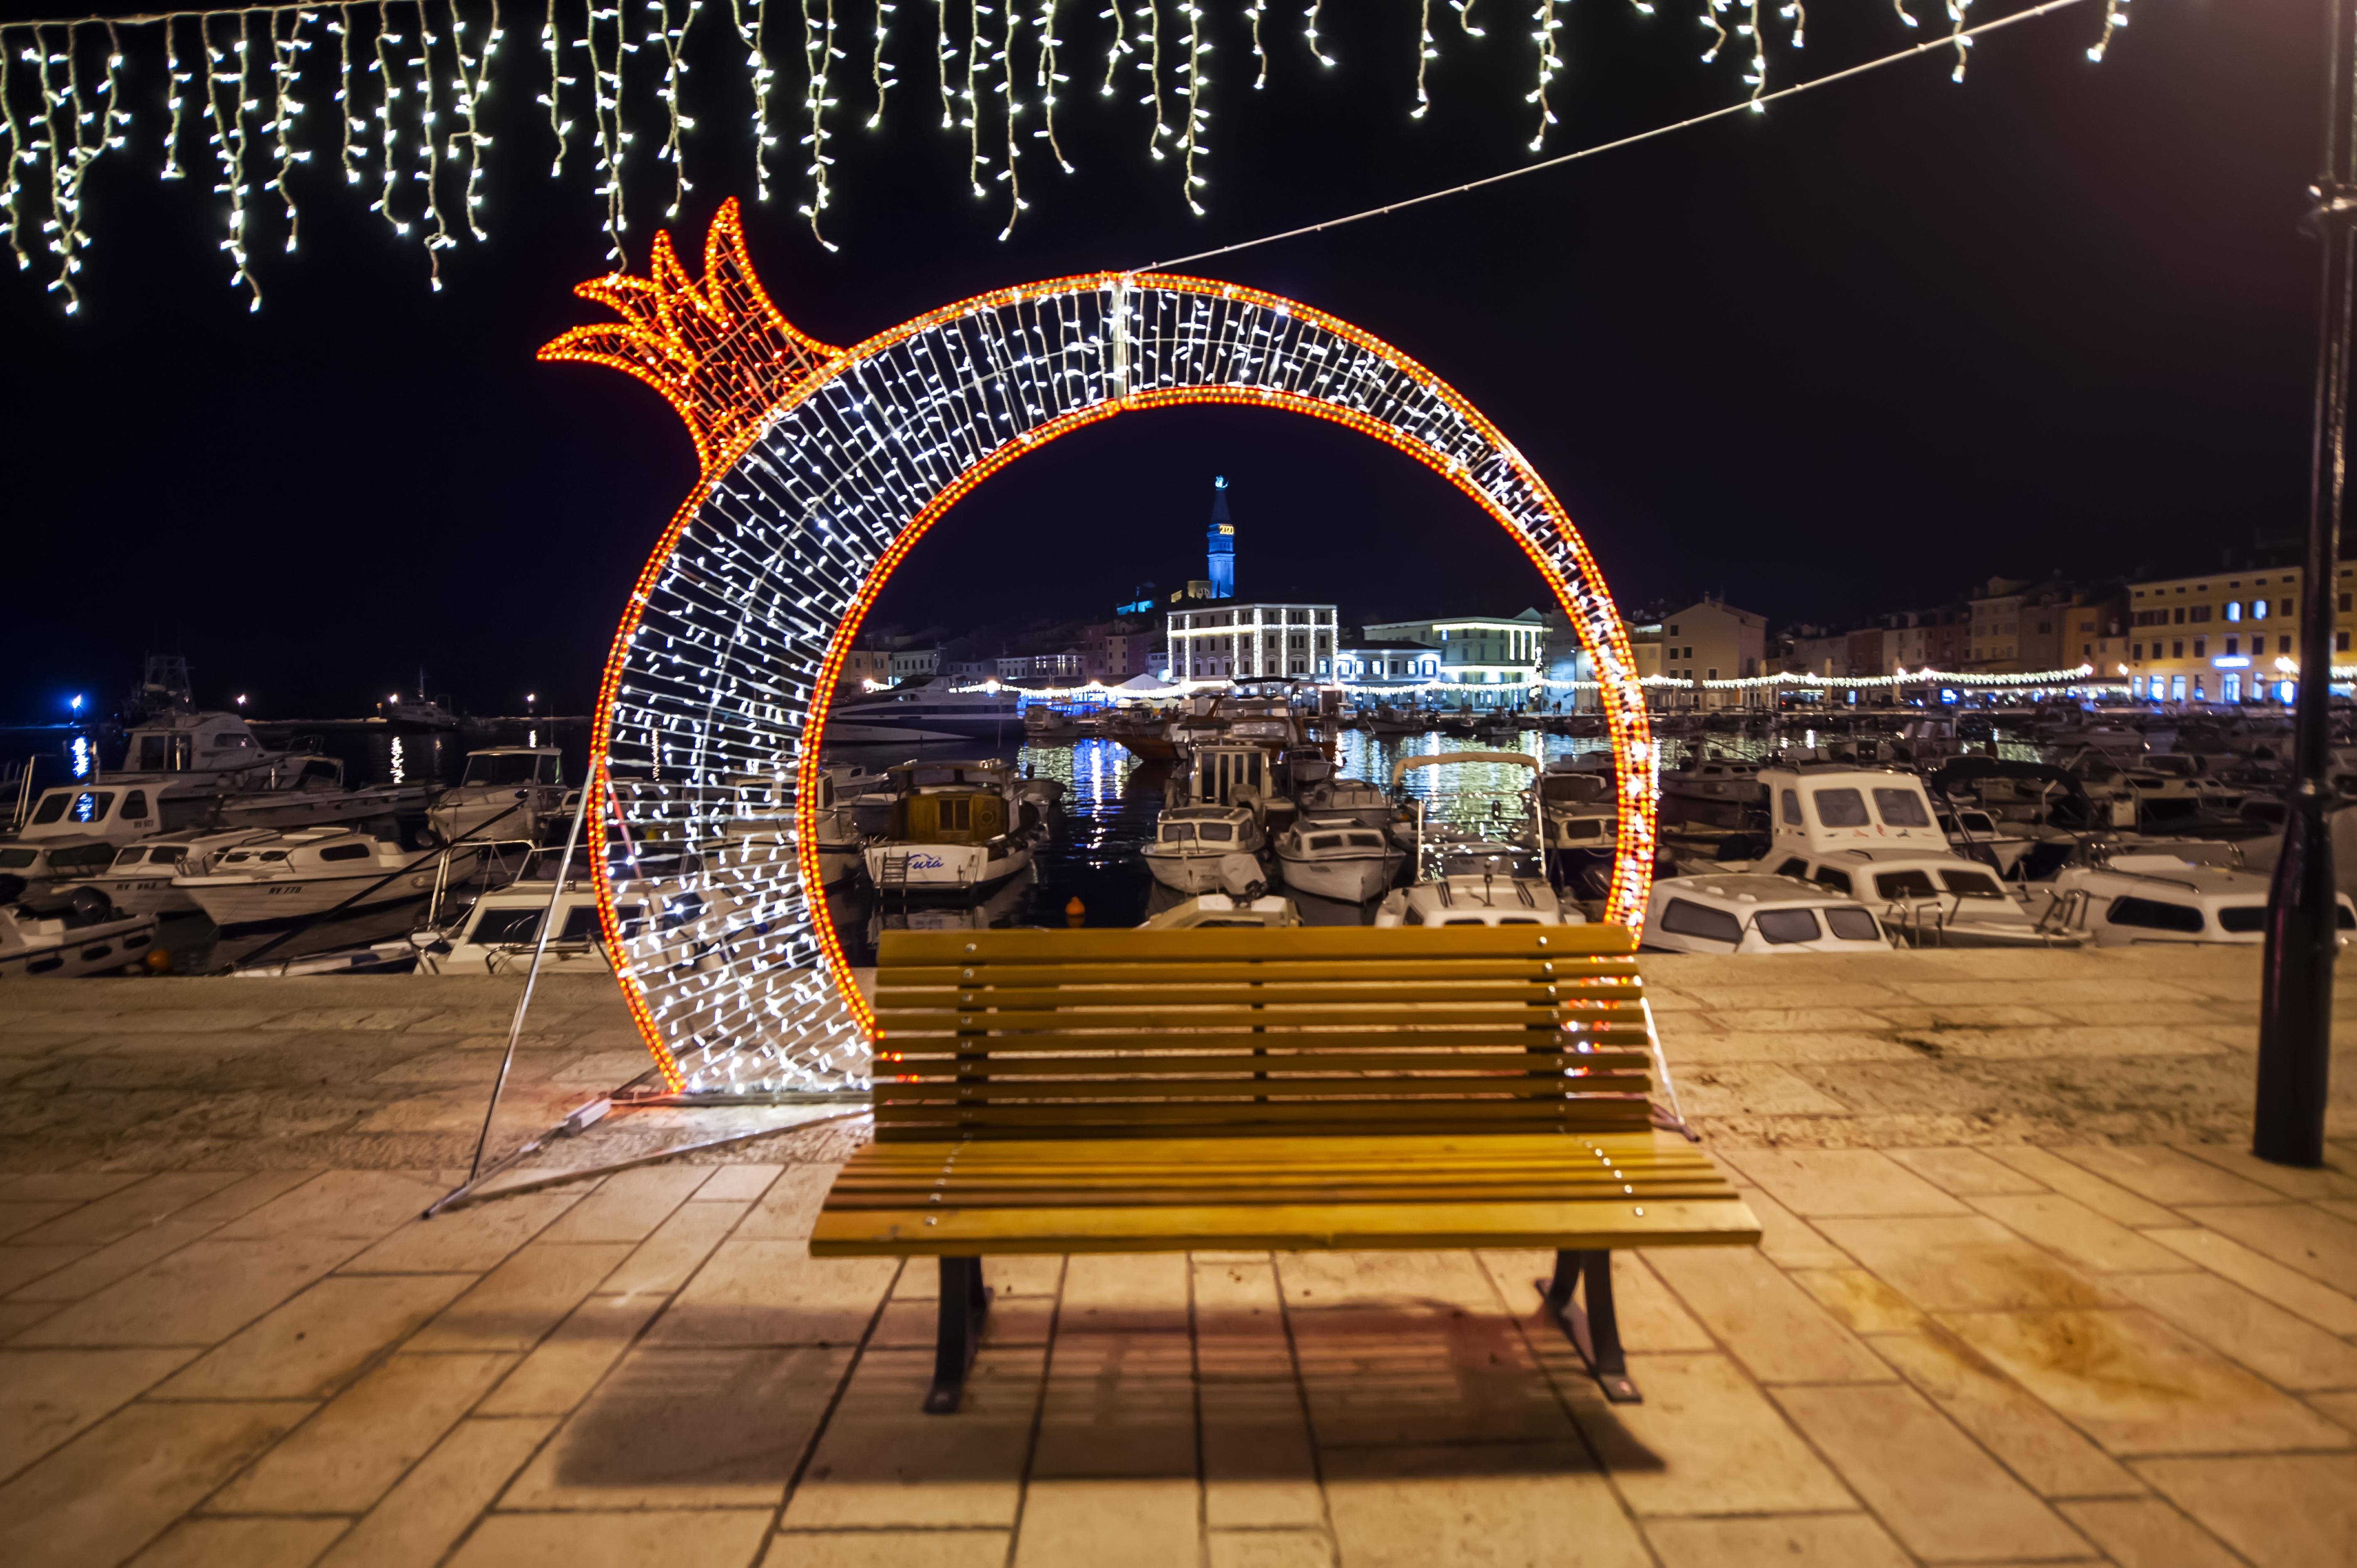 Božićna Čarolija u Rovinj-Rovigno stiže u minimalističkom izdanju